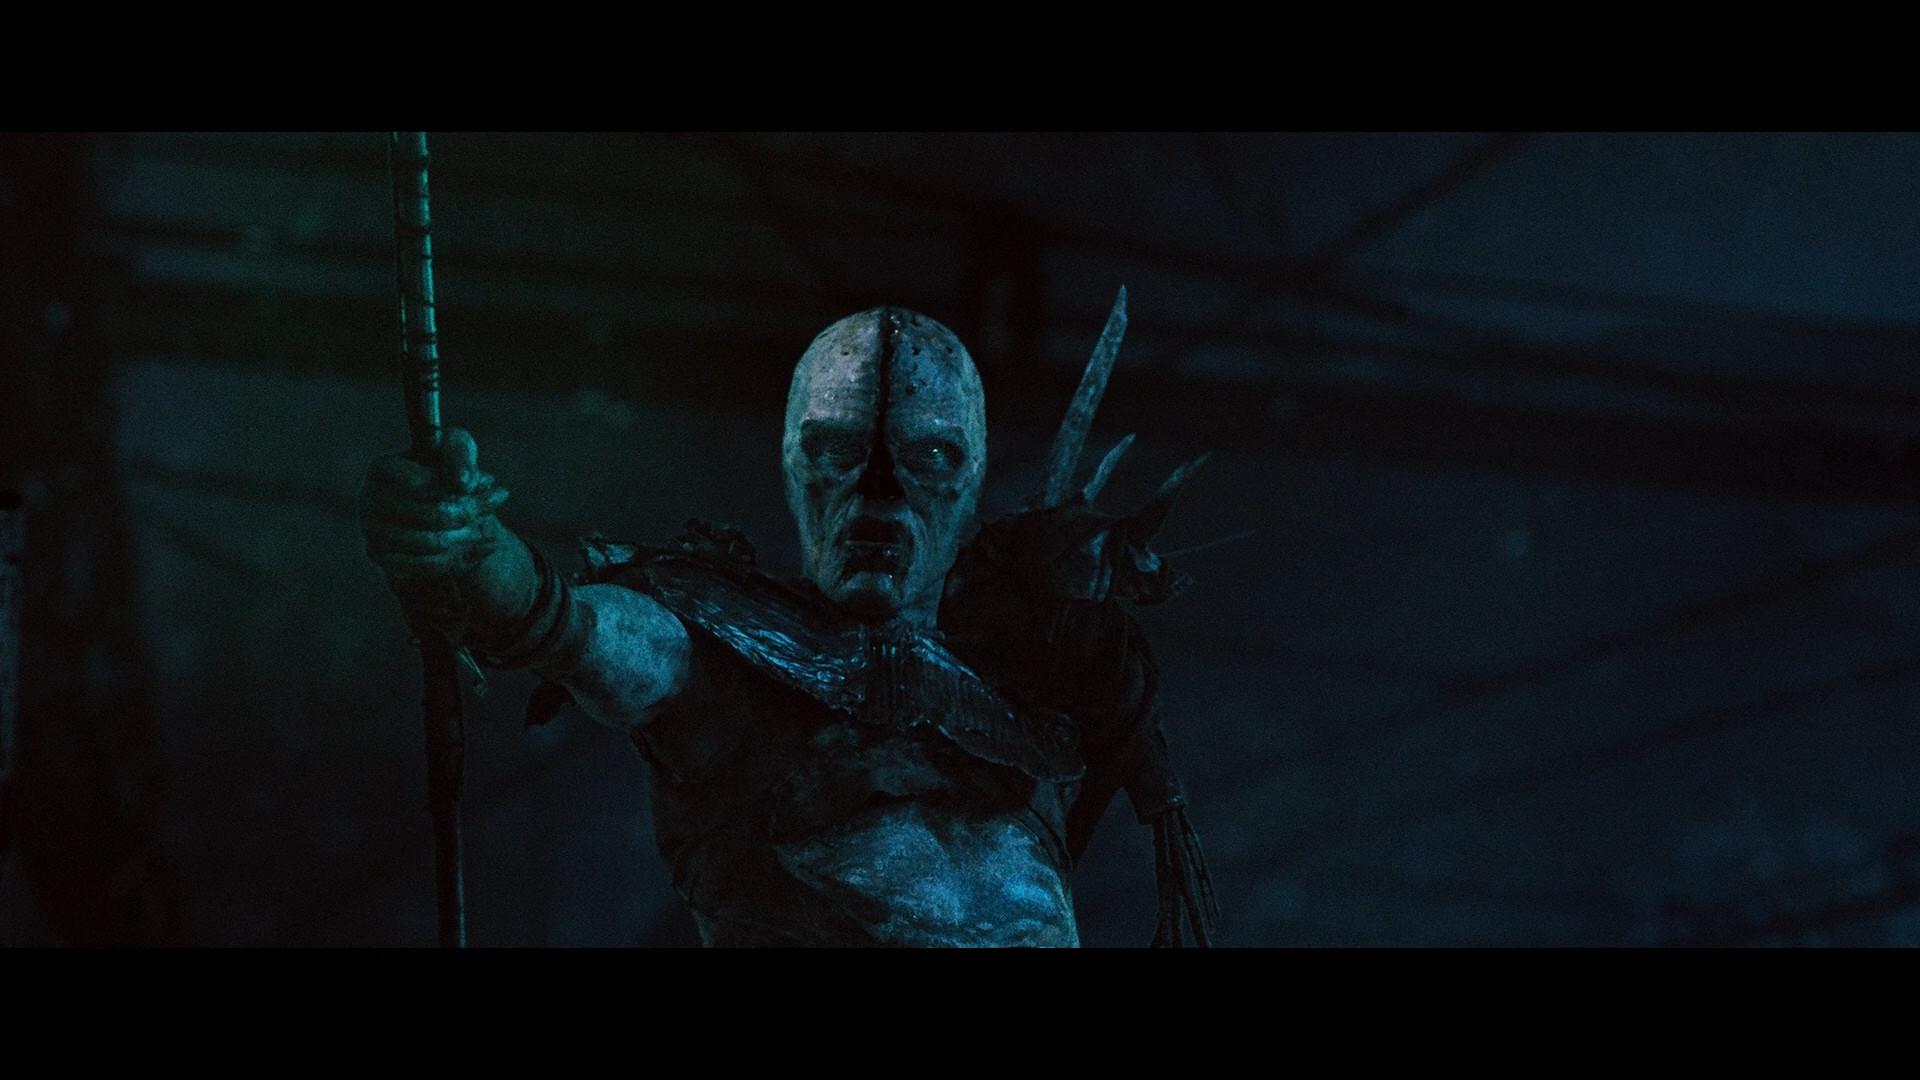 Photo du chef des monstres brandissant son bâton de combat